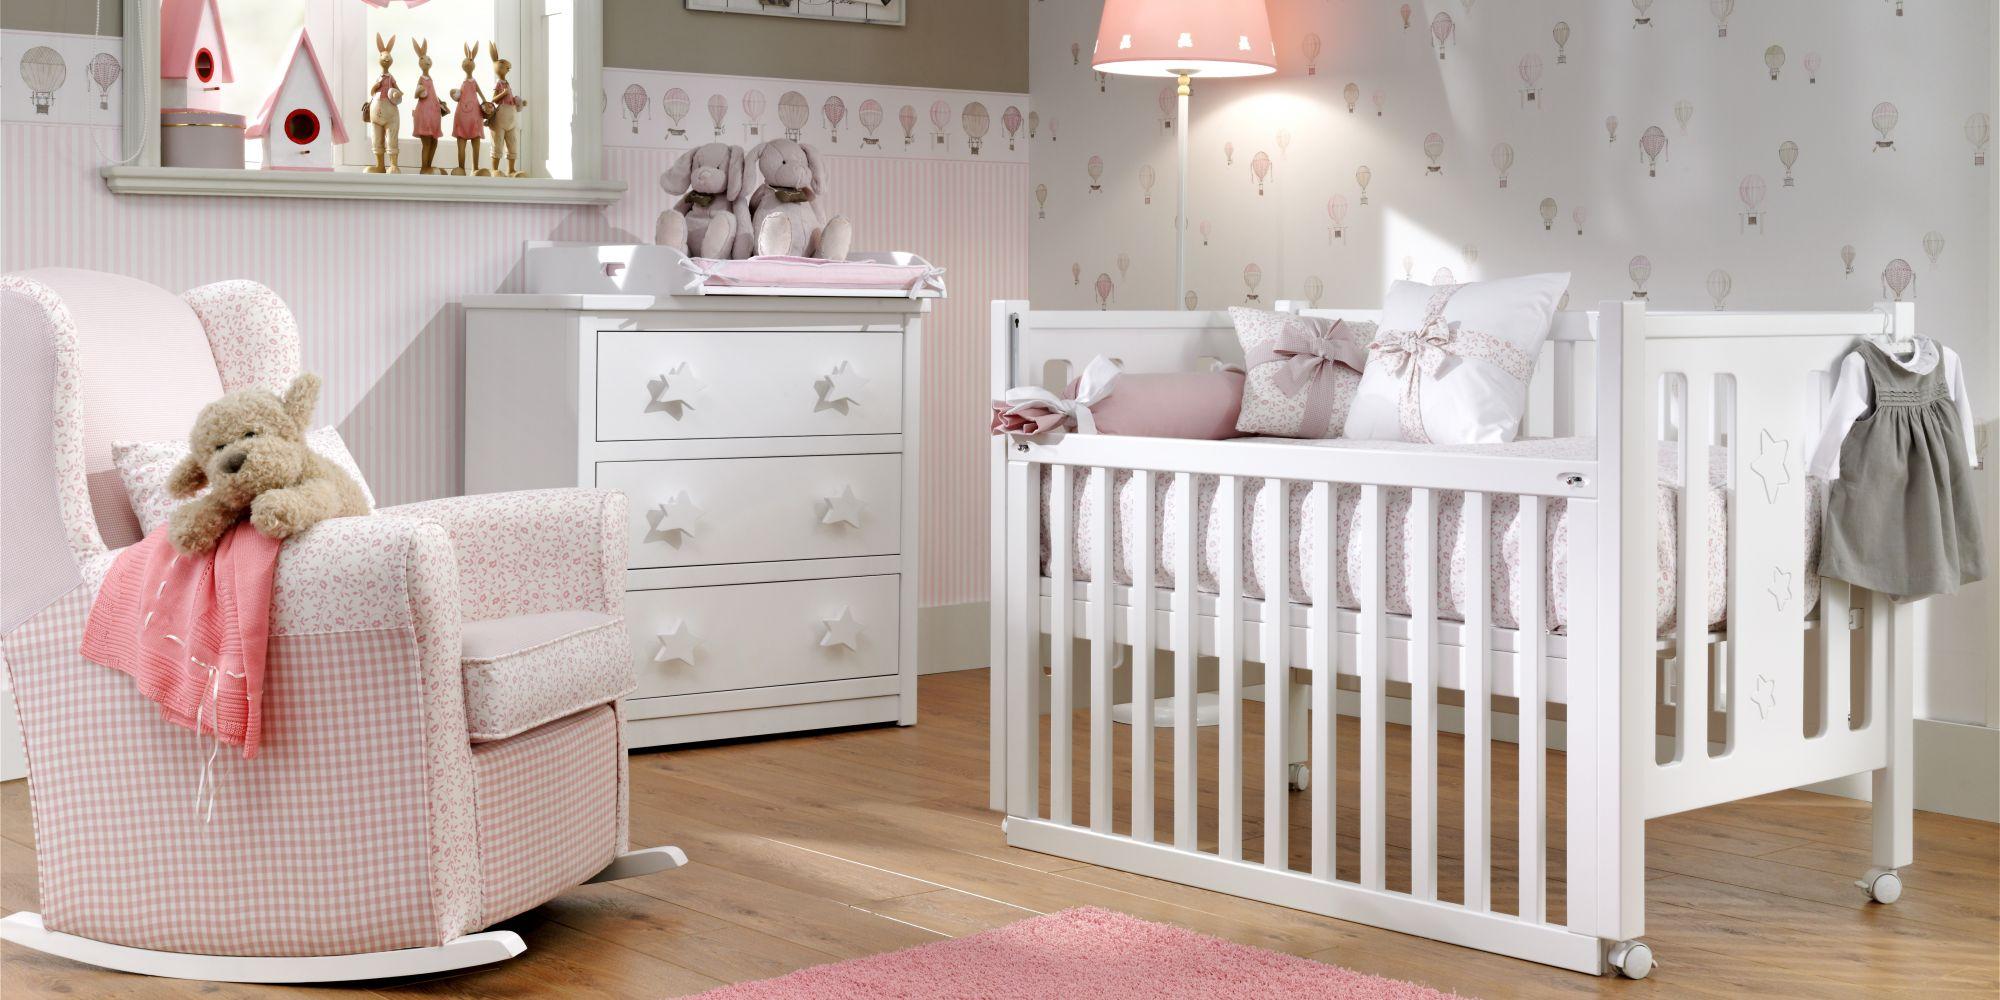 Cuna para bebé con cómoda de tres cajones y mecedora infantil